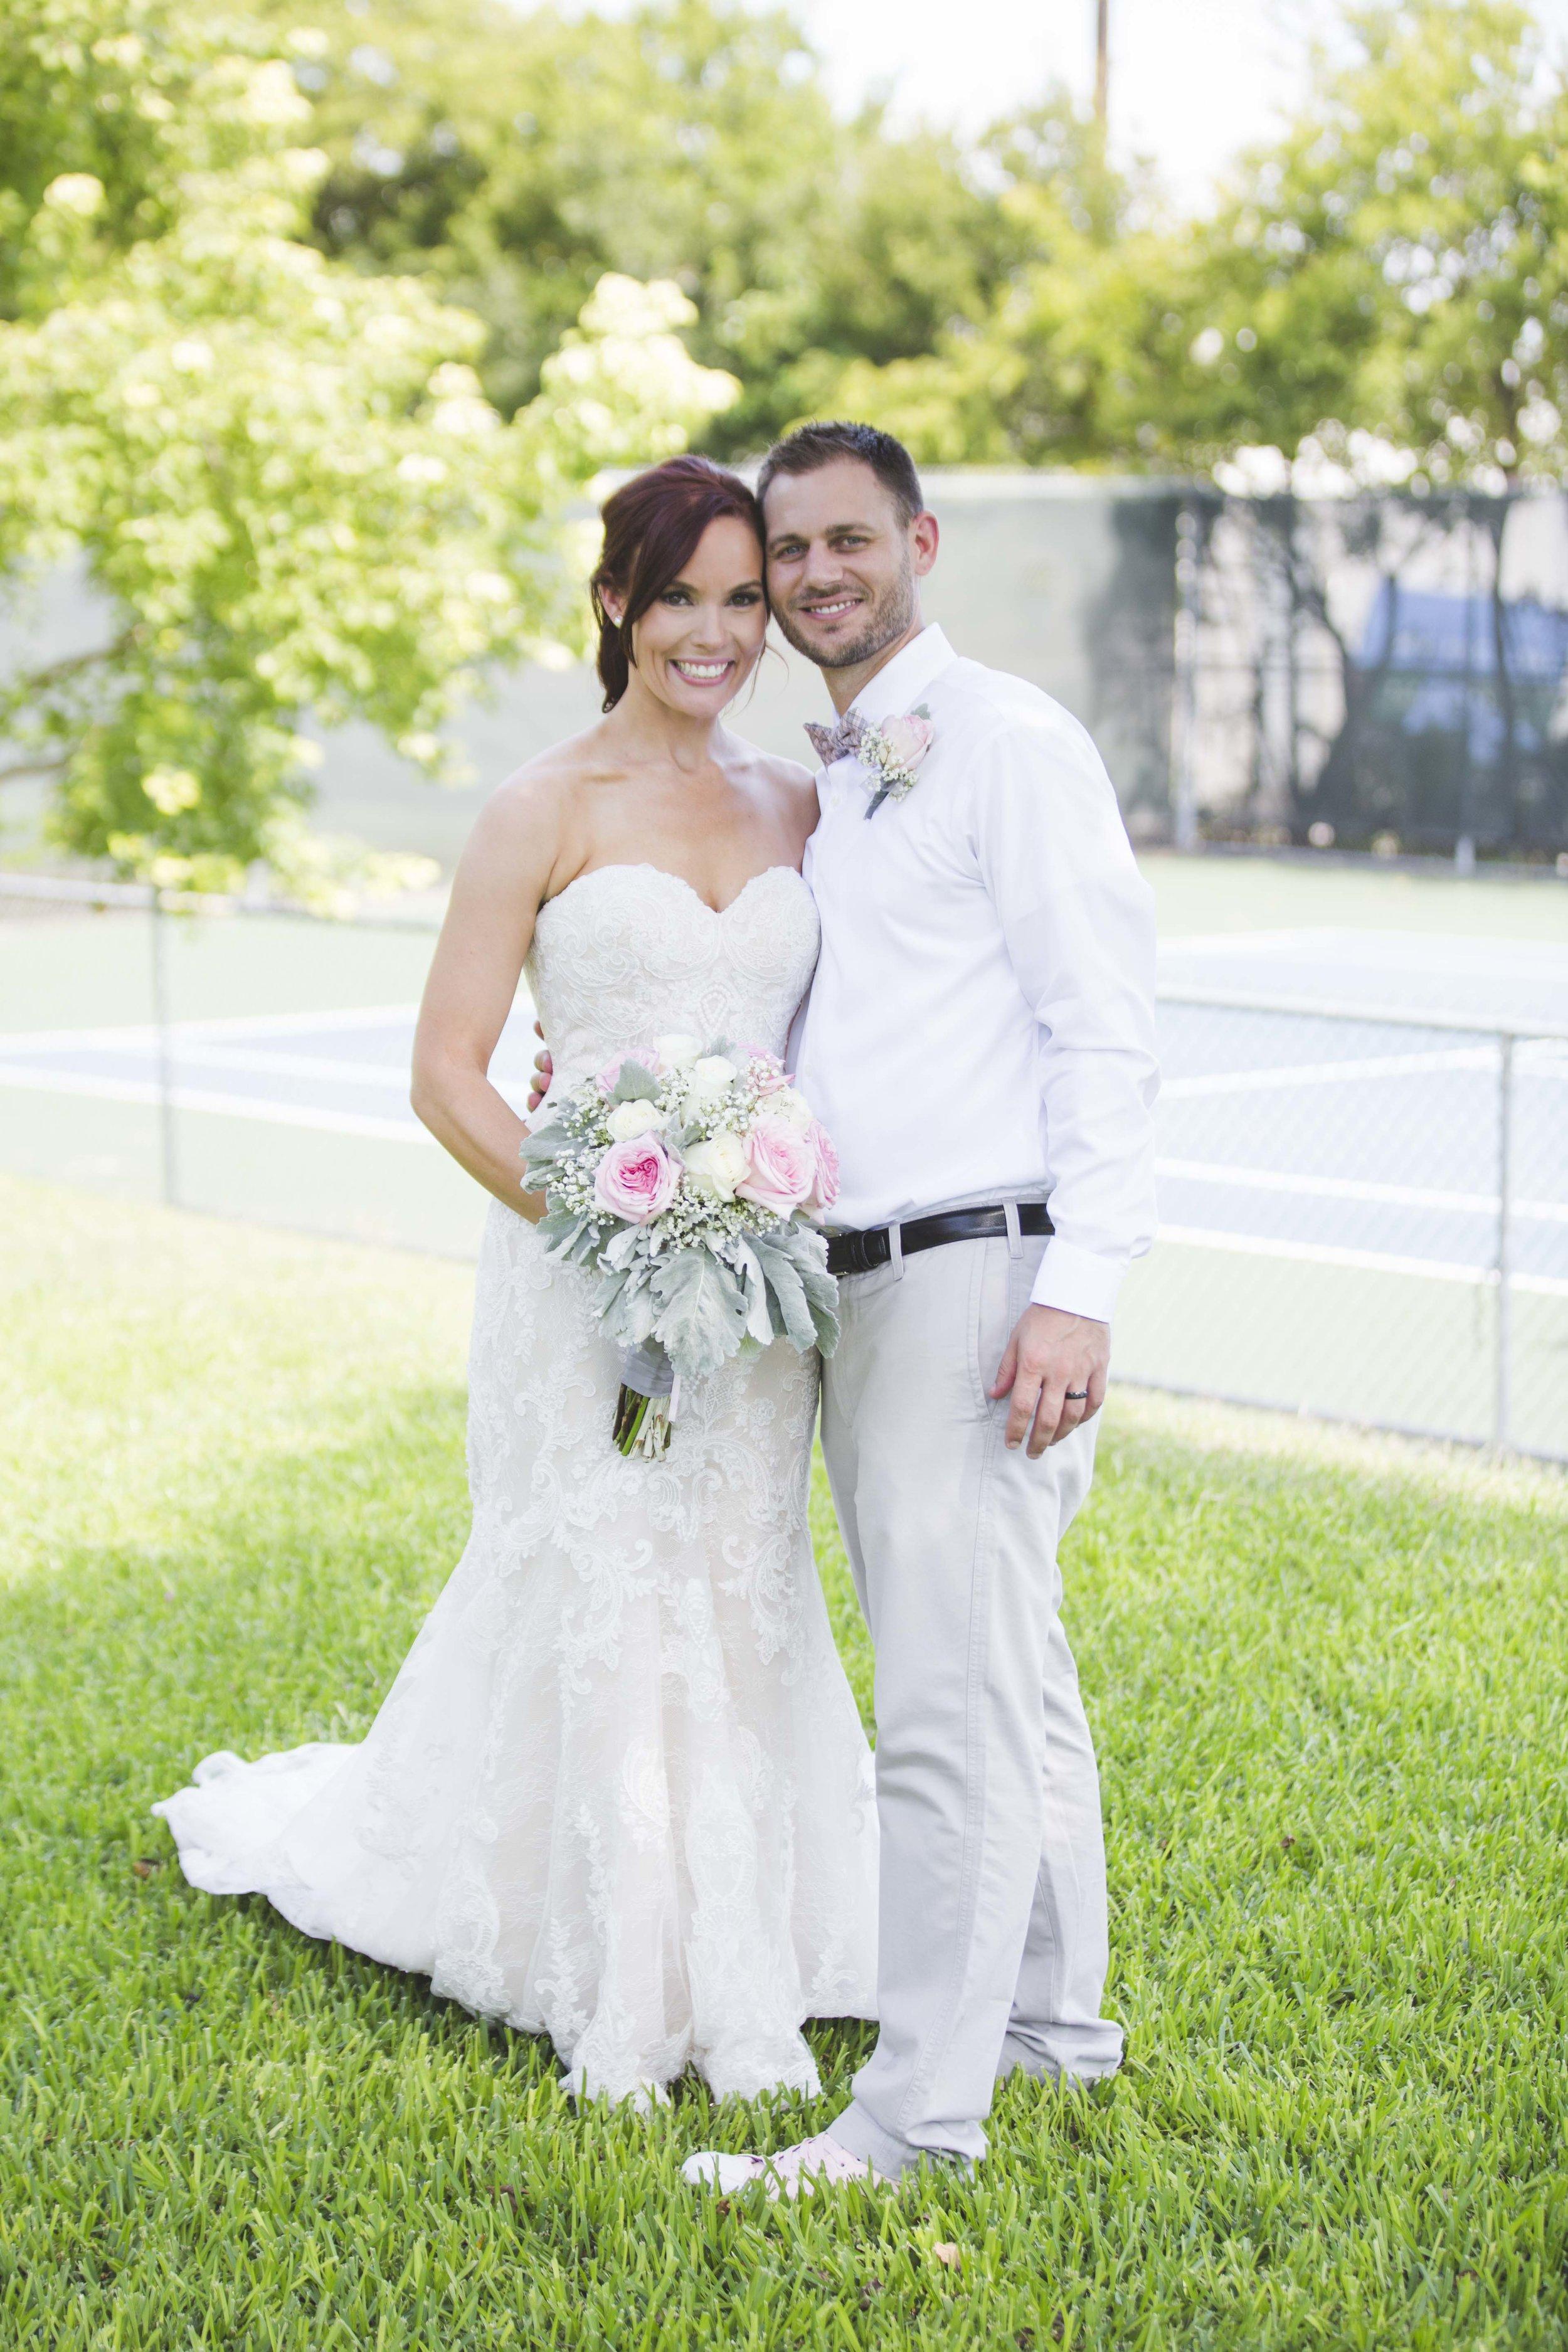 ATGI_Susanna & Matt Wedding_717A7895.jpg